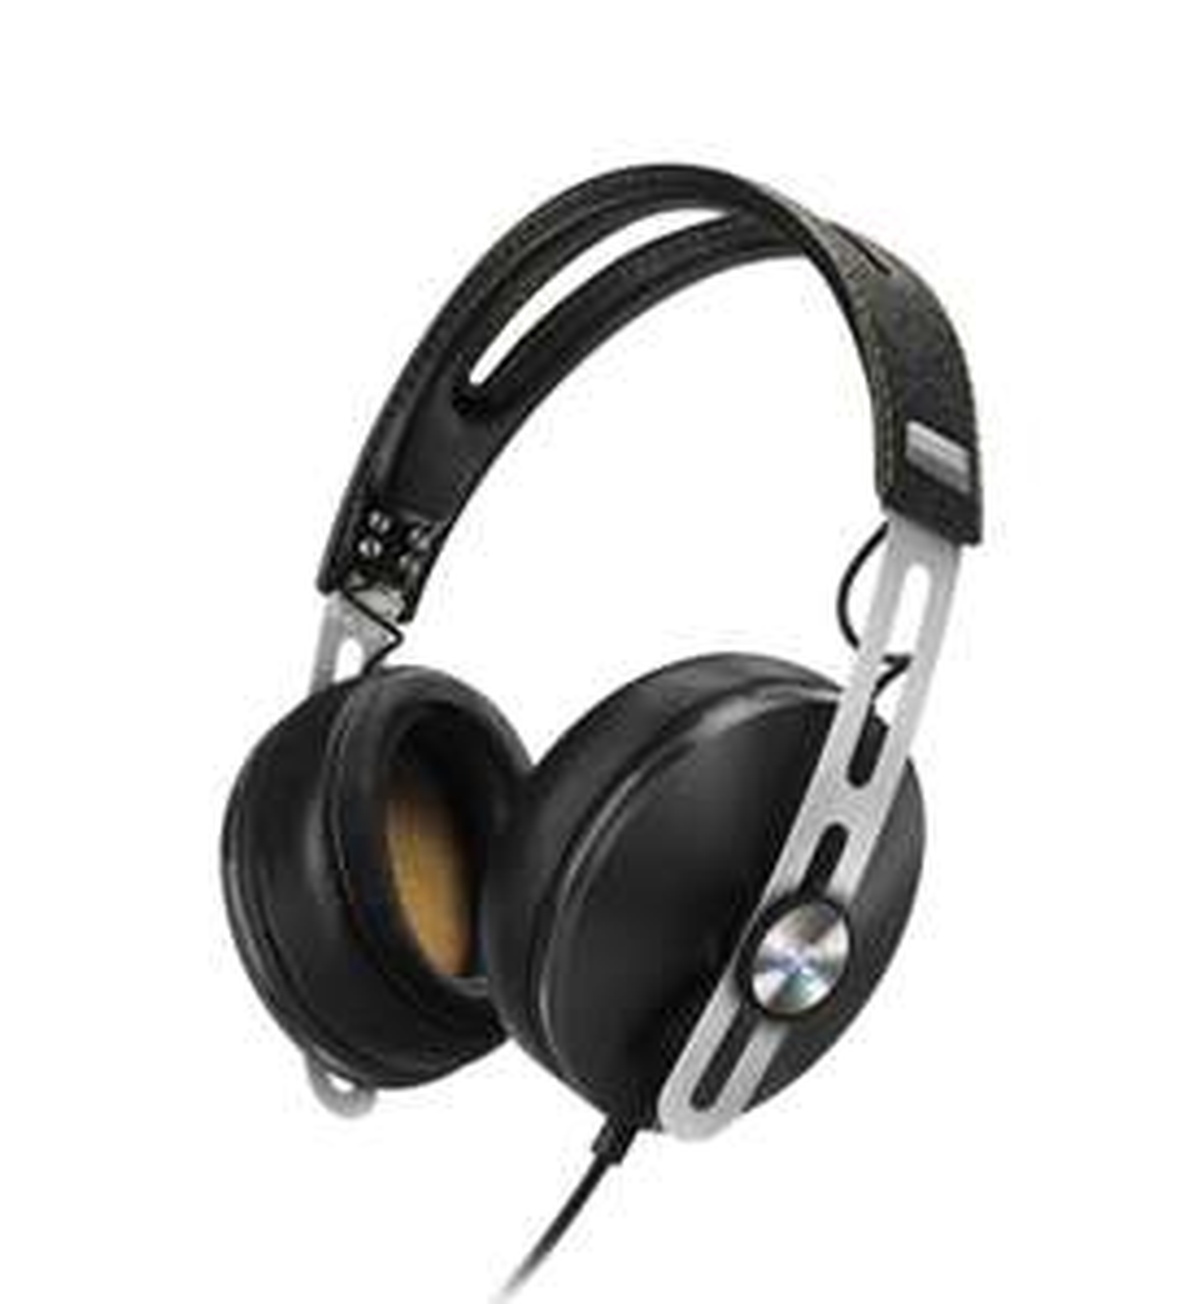 Sennheiser Momentum 2.0 Over-ear Headphones - B Stock - Black - IOS - £86 Delivered @ Sennheiser Outlet